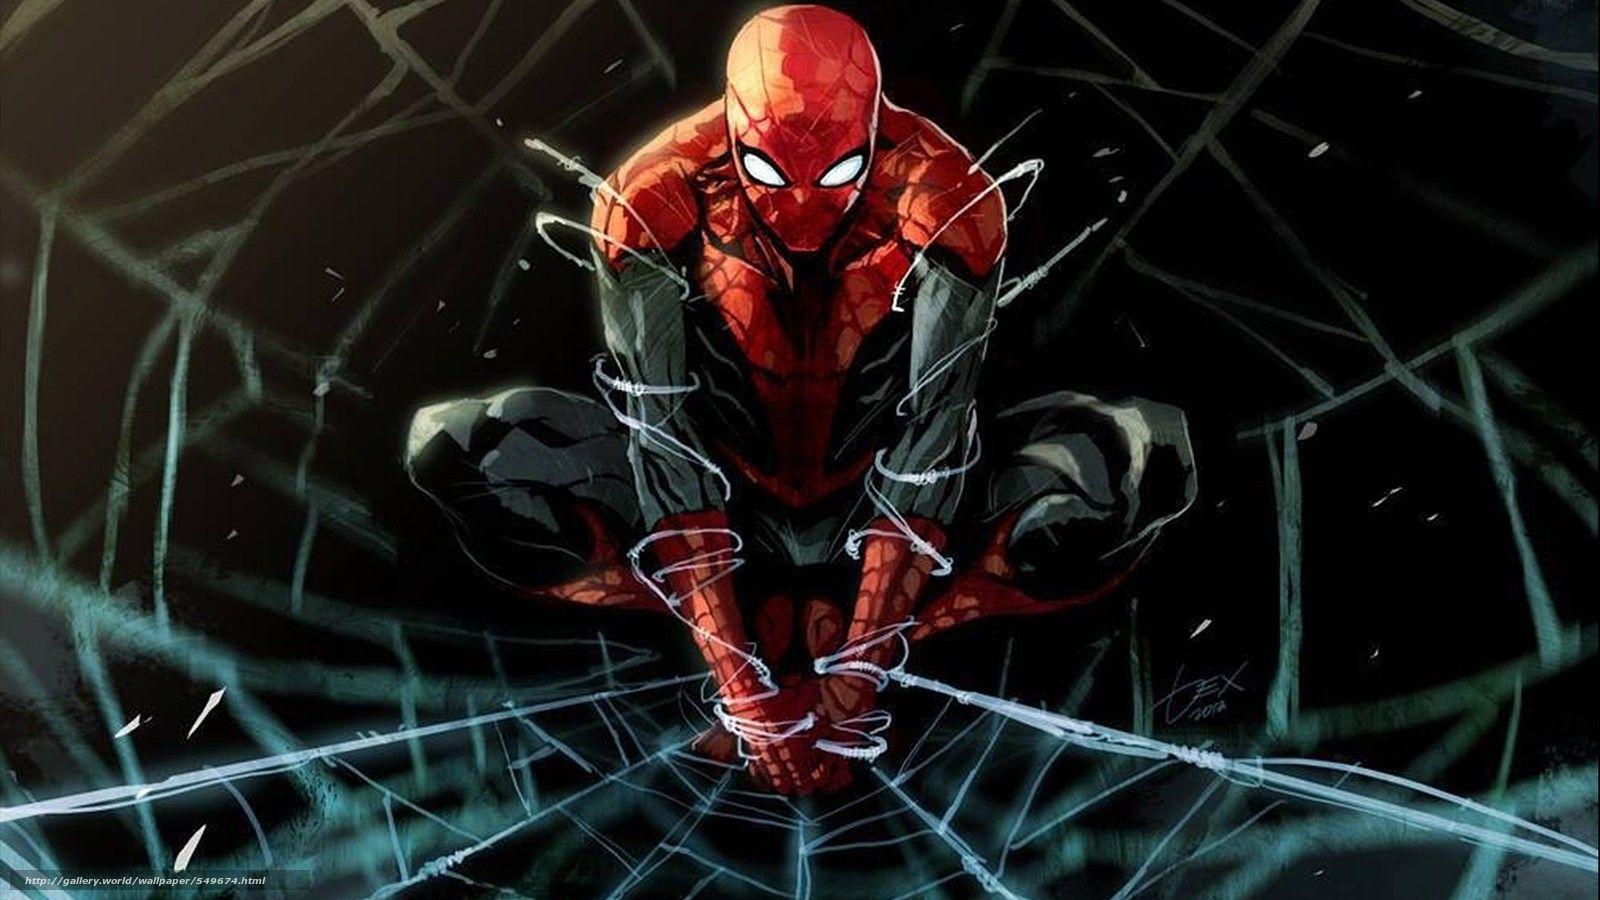 Tlcharger fond d 39 ecran spider man bande dessin e dessin anim fonds d 39 ecran gratuits pour - Spiderman dessin anime gratuit ...